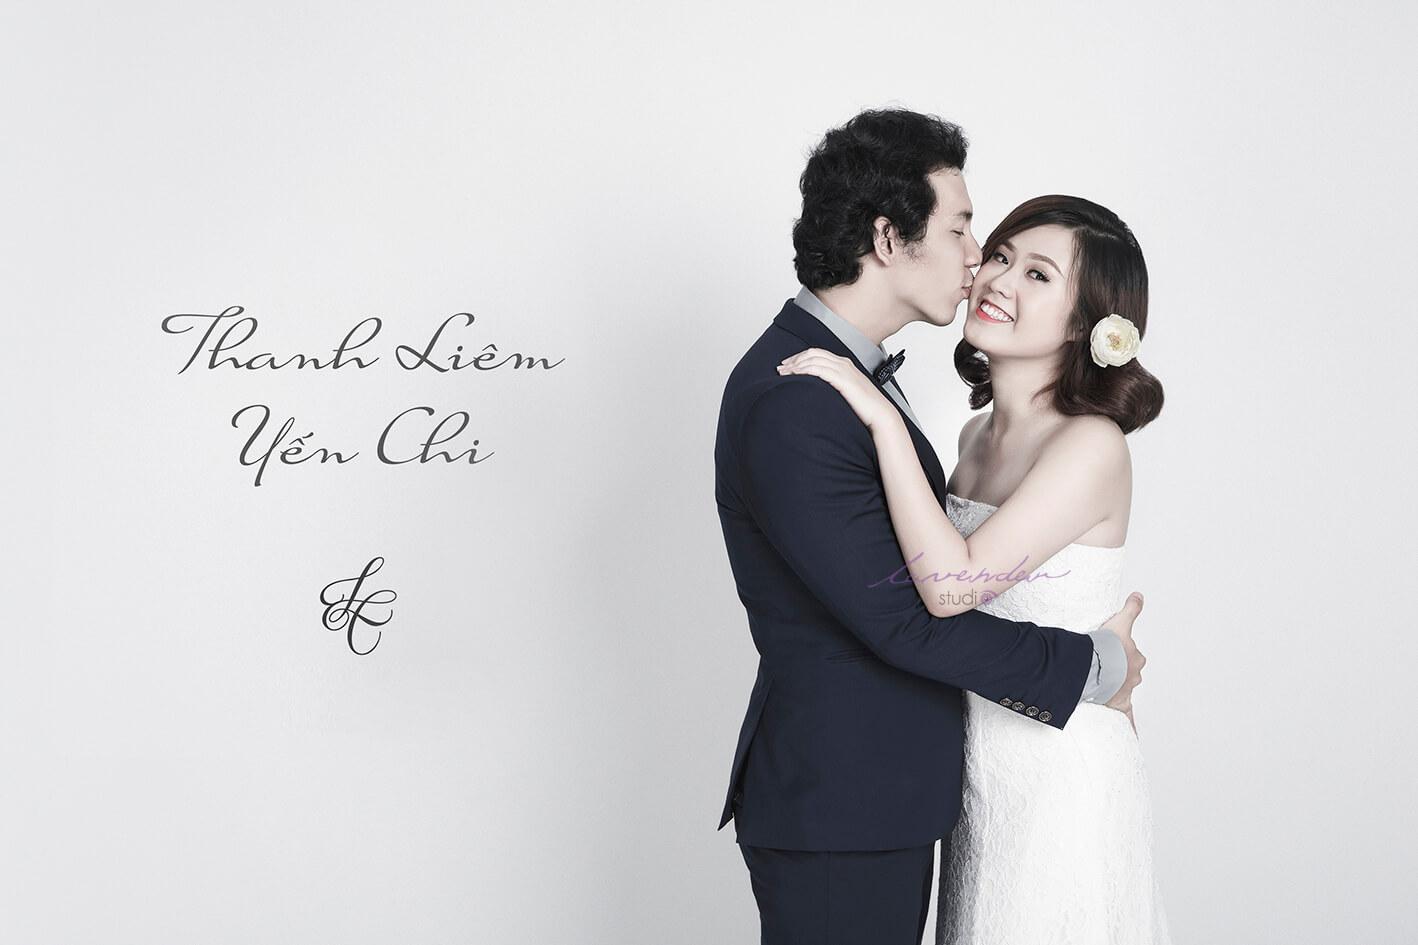 dịch vụ chụp hình cưới đẹp ở tp Hồ chí Minh